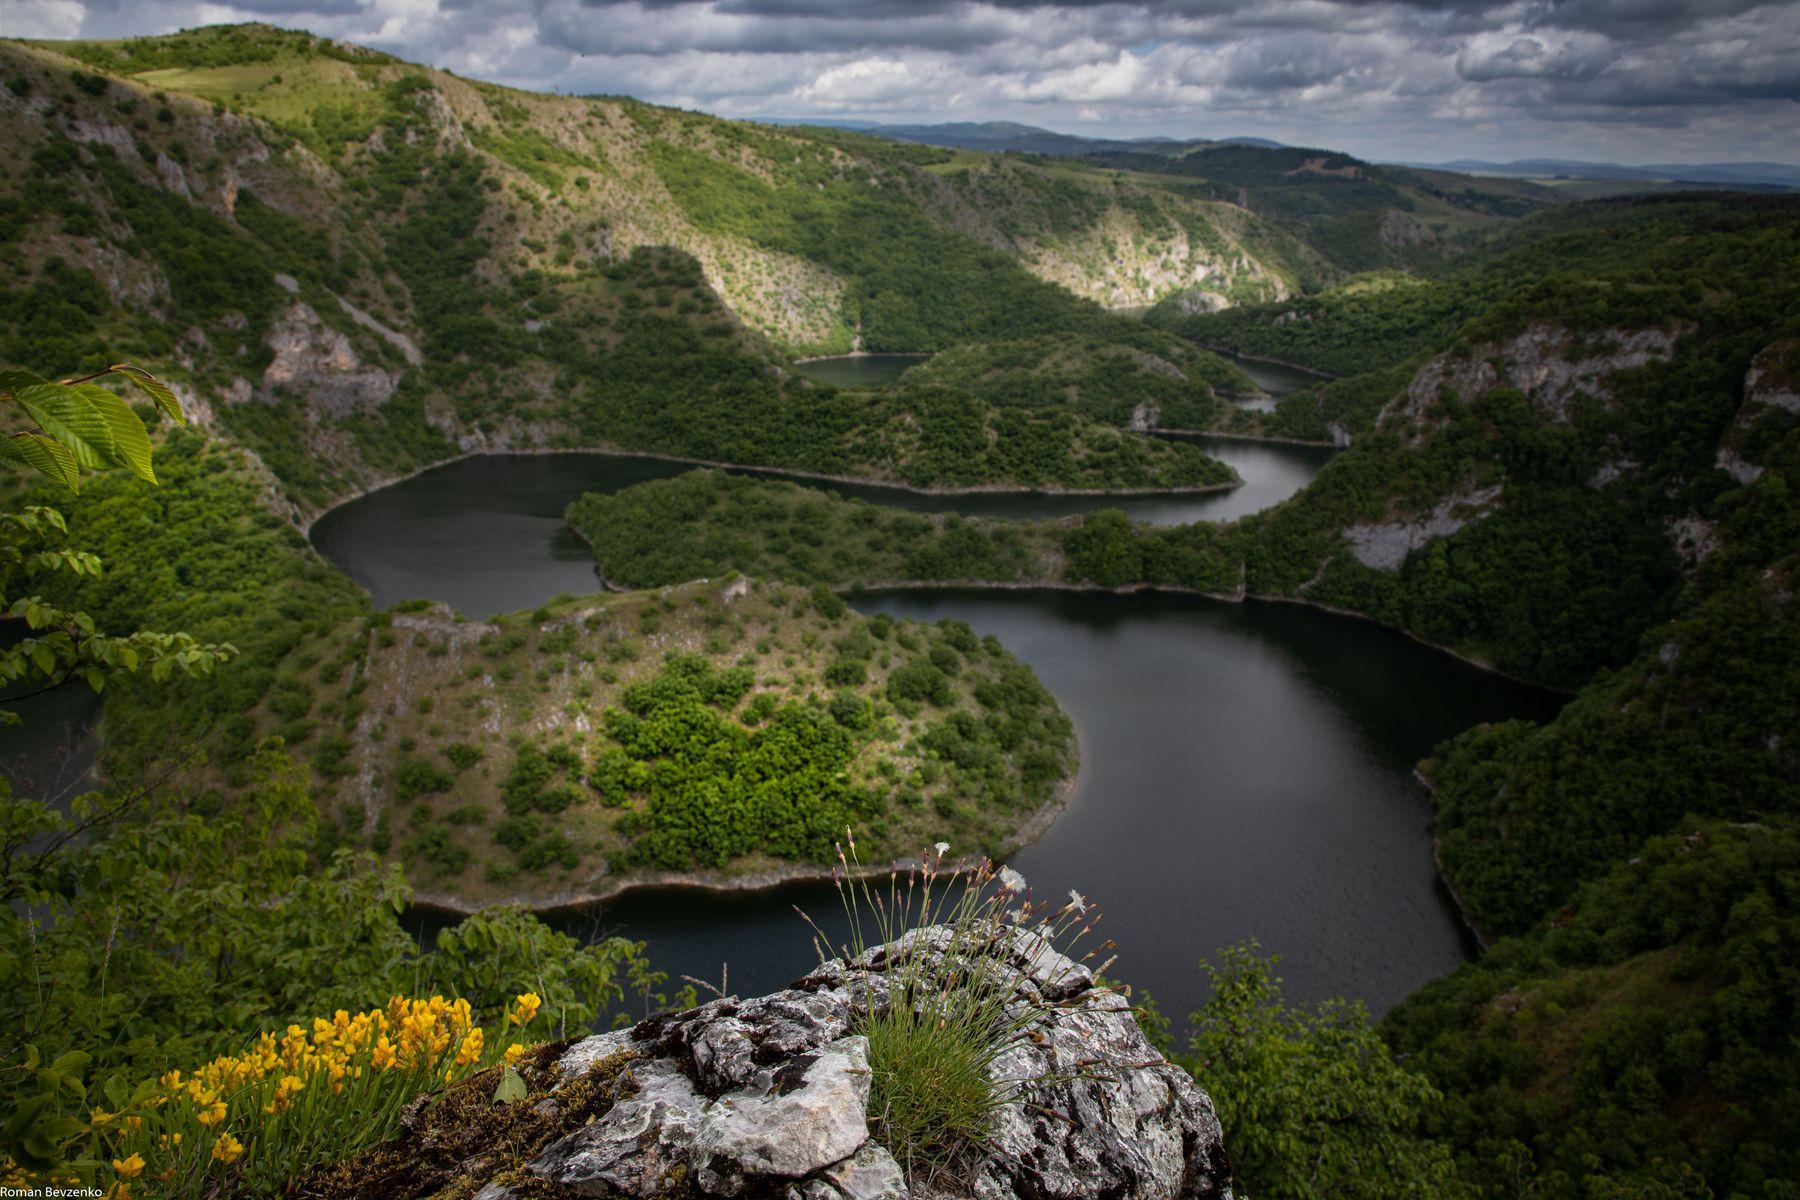 Каньон реки Увац, Сербия пейзаж природа каньон река сербия увац